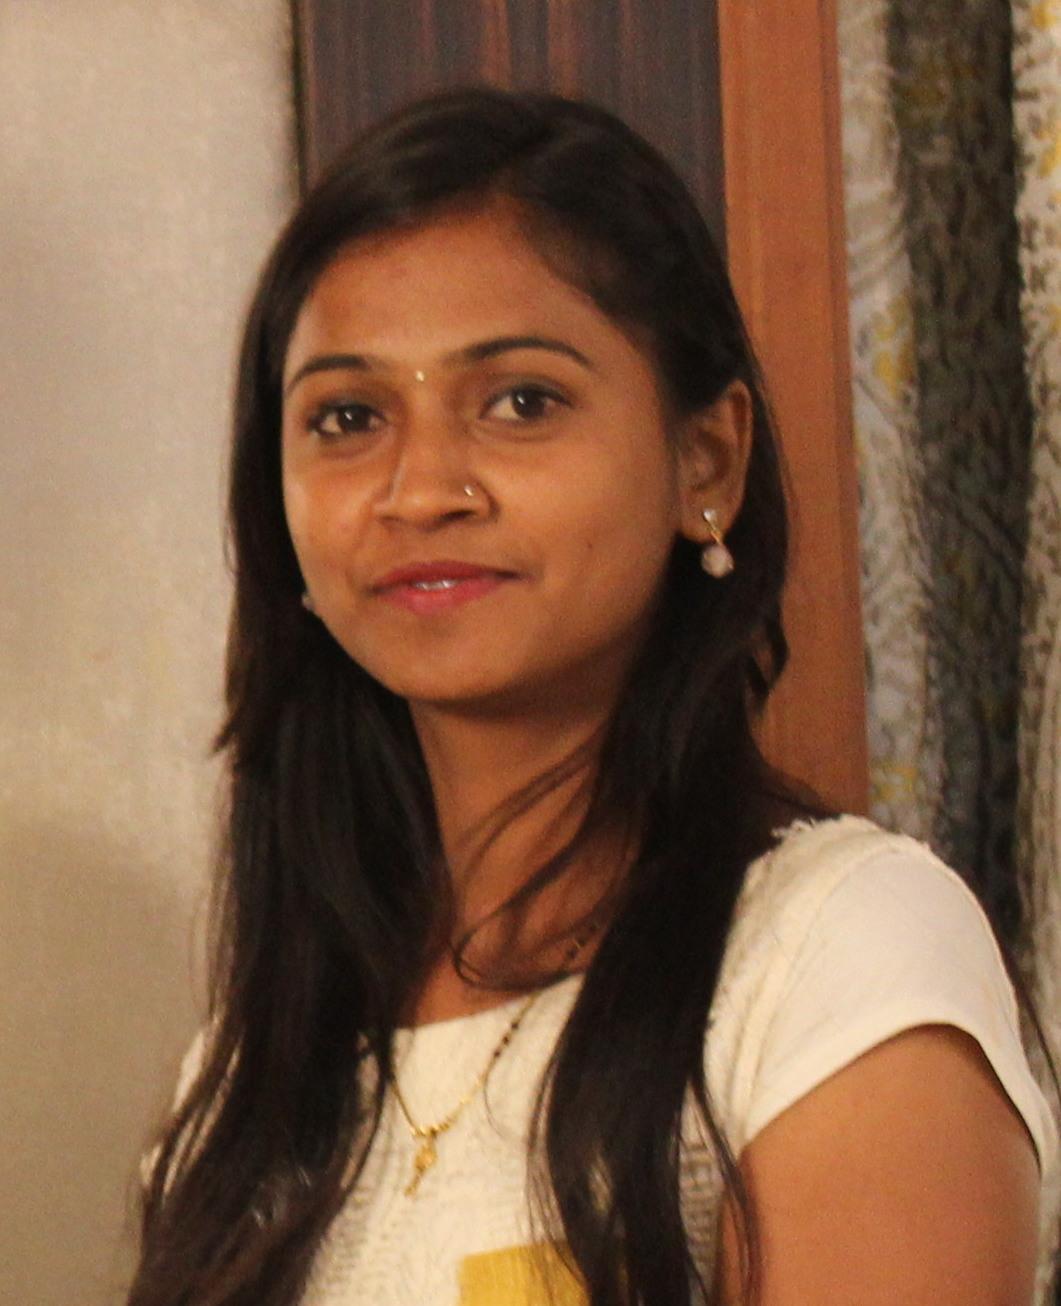 Supriya Laxman Medankar